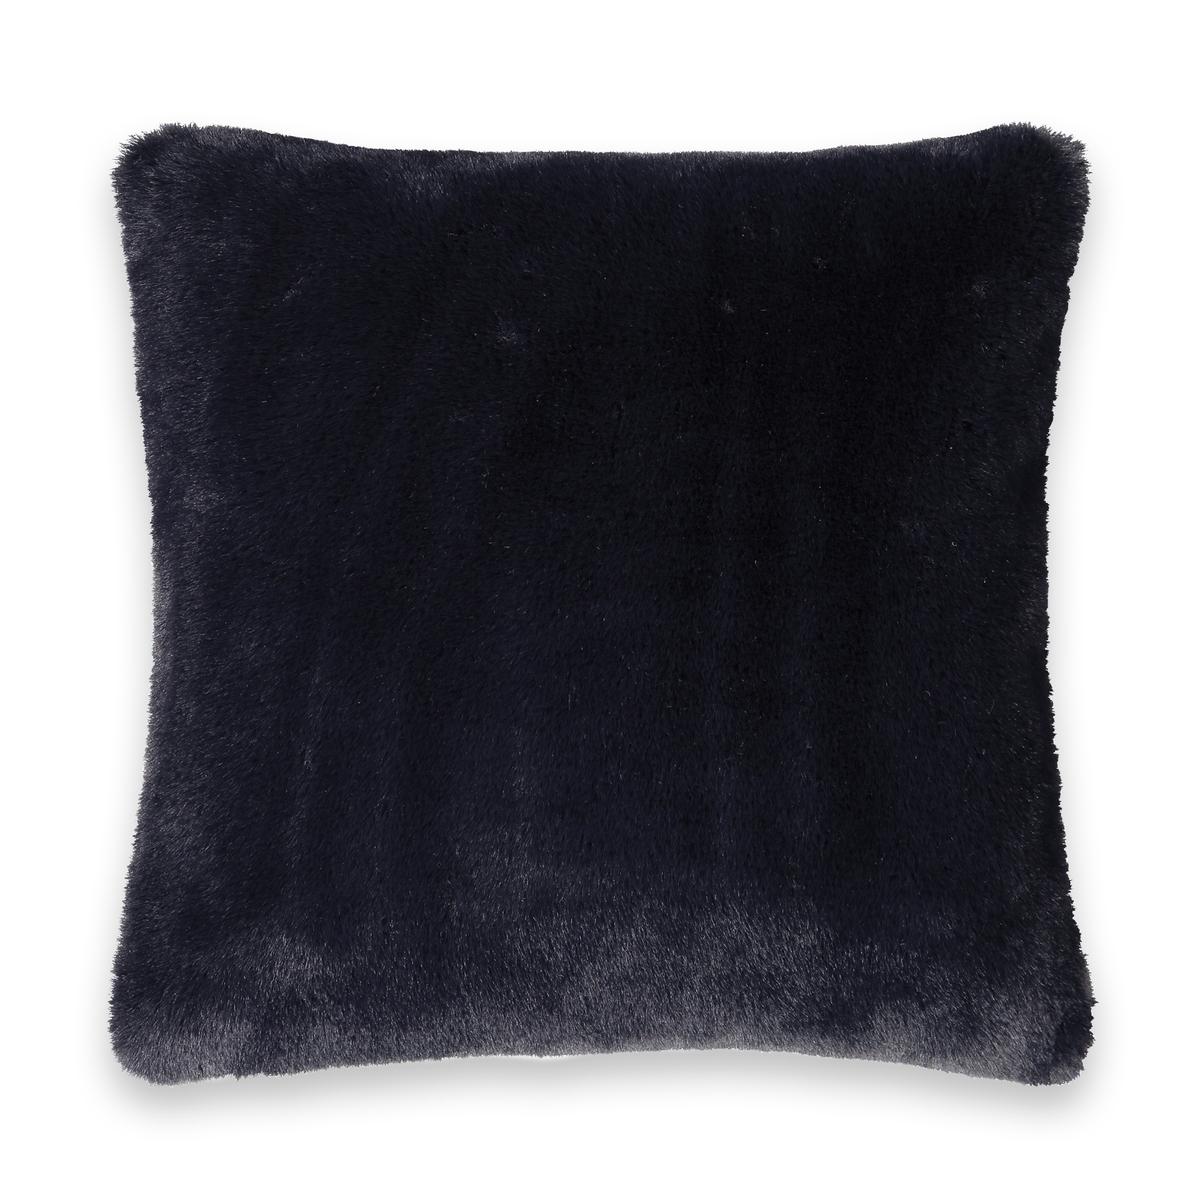 цена Чехол La Redoute На подушку из искусственного меха Noursi 40 x 40 см синий онлайн в 2017 году